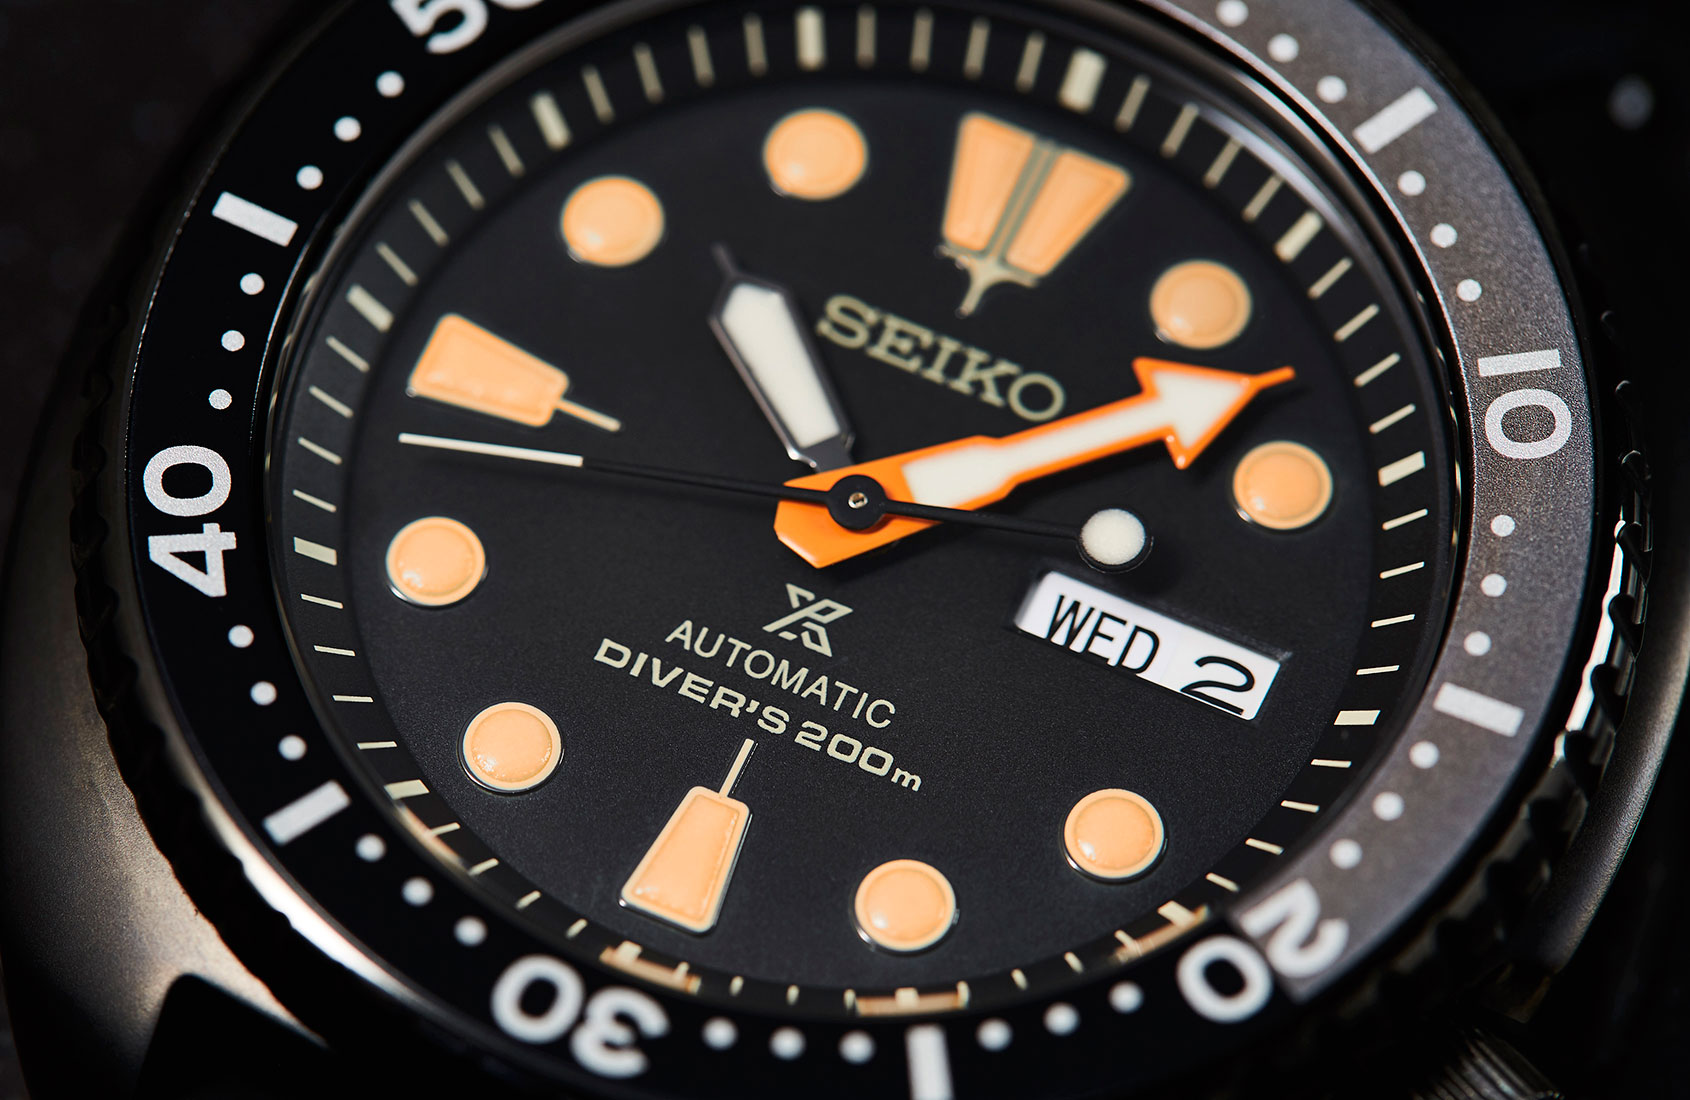 EDITOR'S PICK: Seiko's all-black Prospex diver – the 'Darth